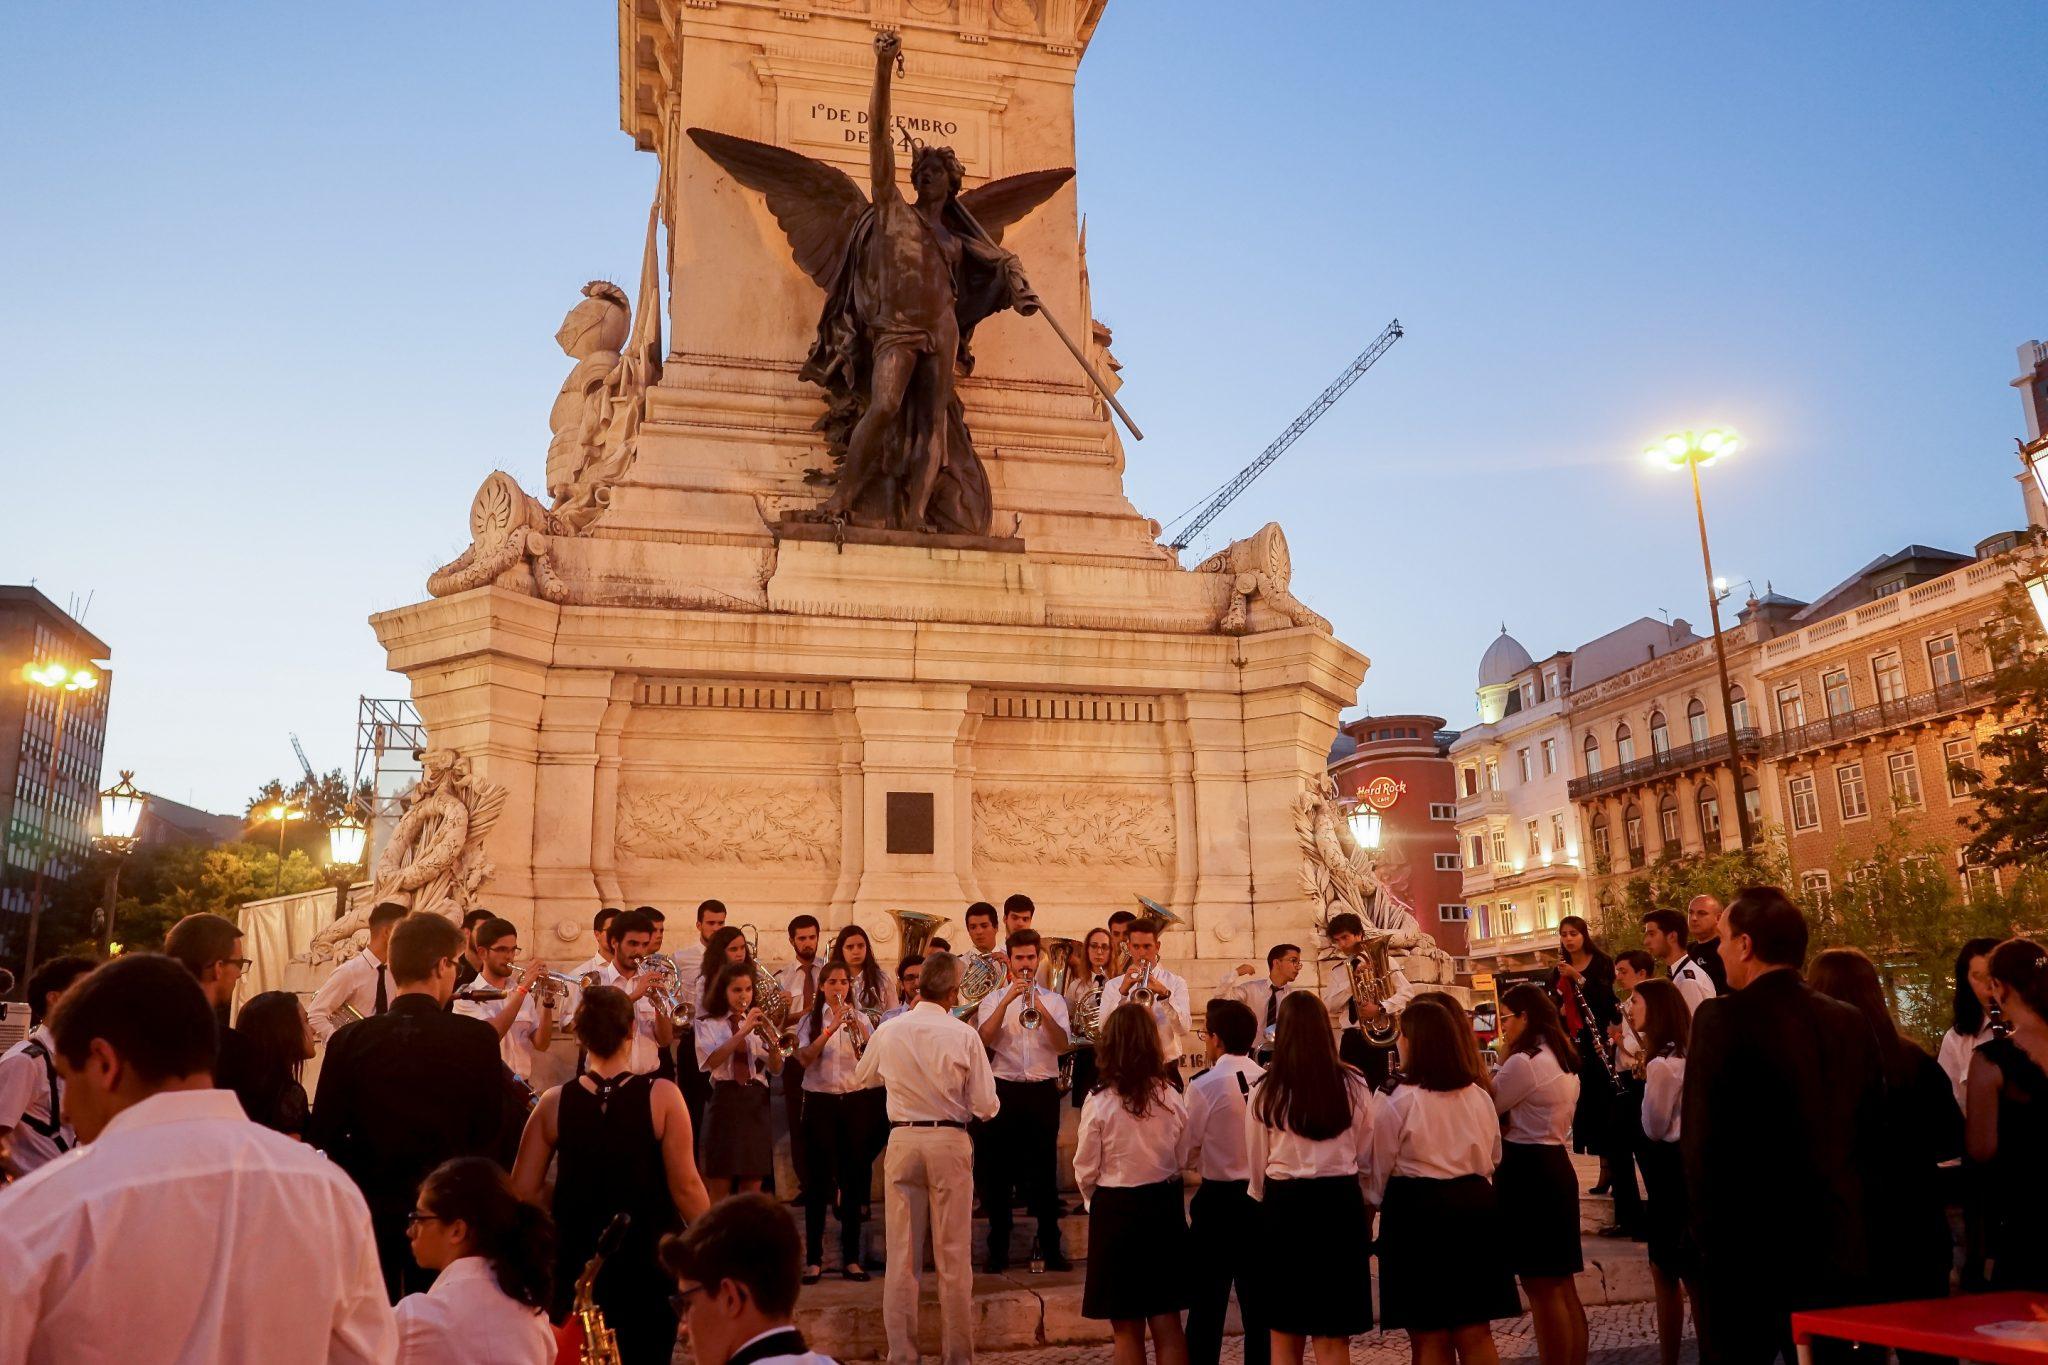 Um grupo de músicos afina os instrumentos sob o monumento da Praça dos Restauradores, do qual se destaca uma figura alada em bronze. Luz de fim de dia.